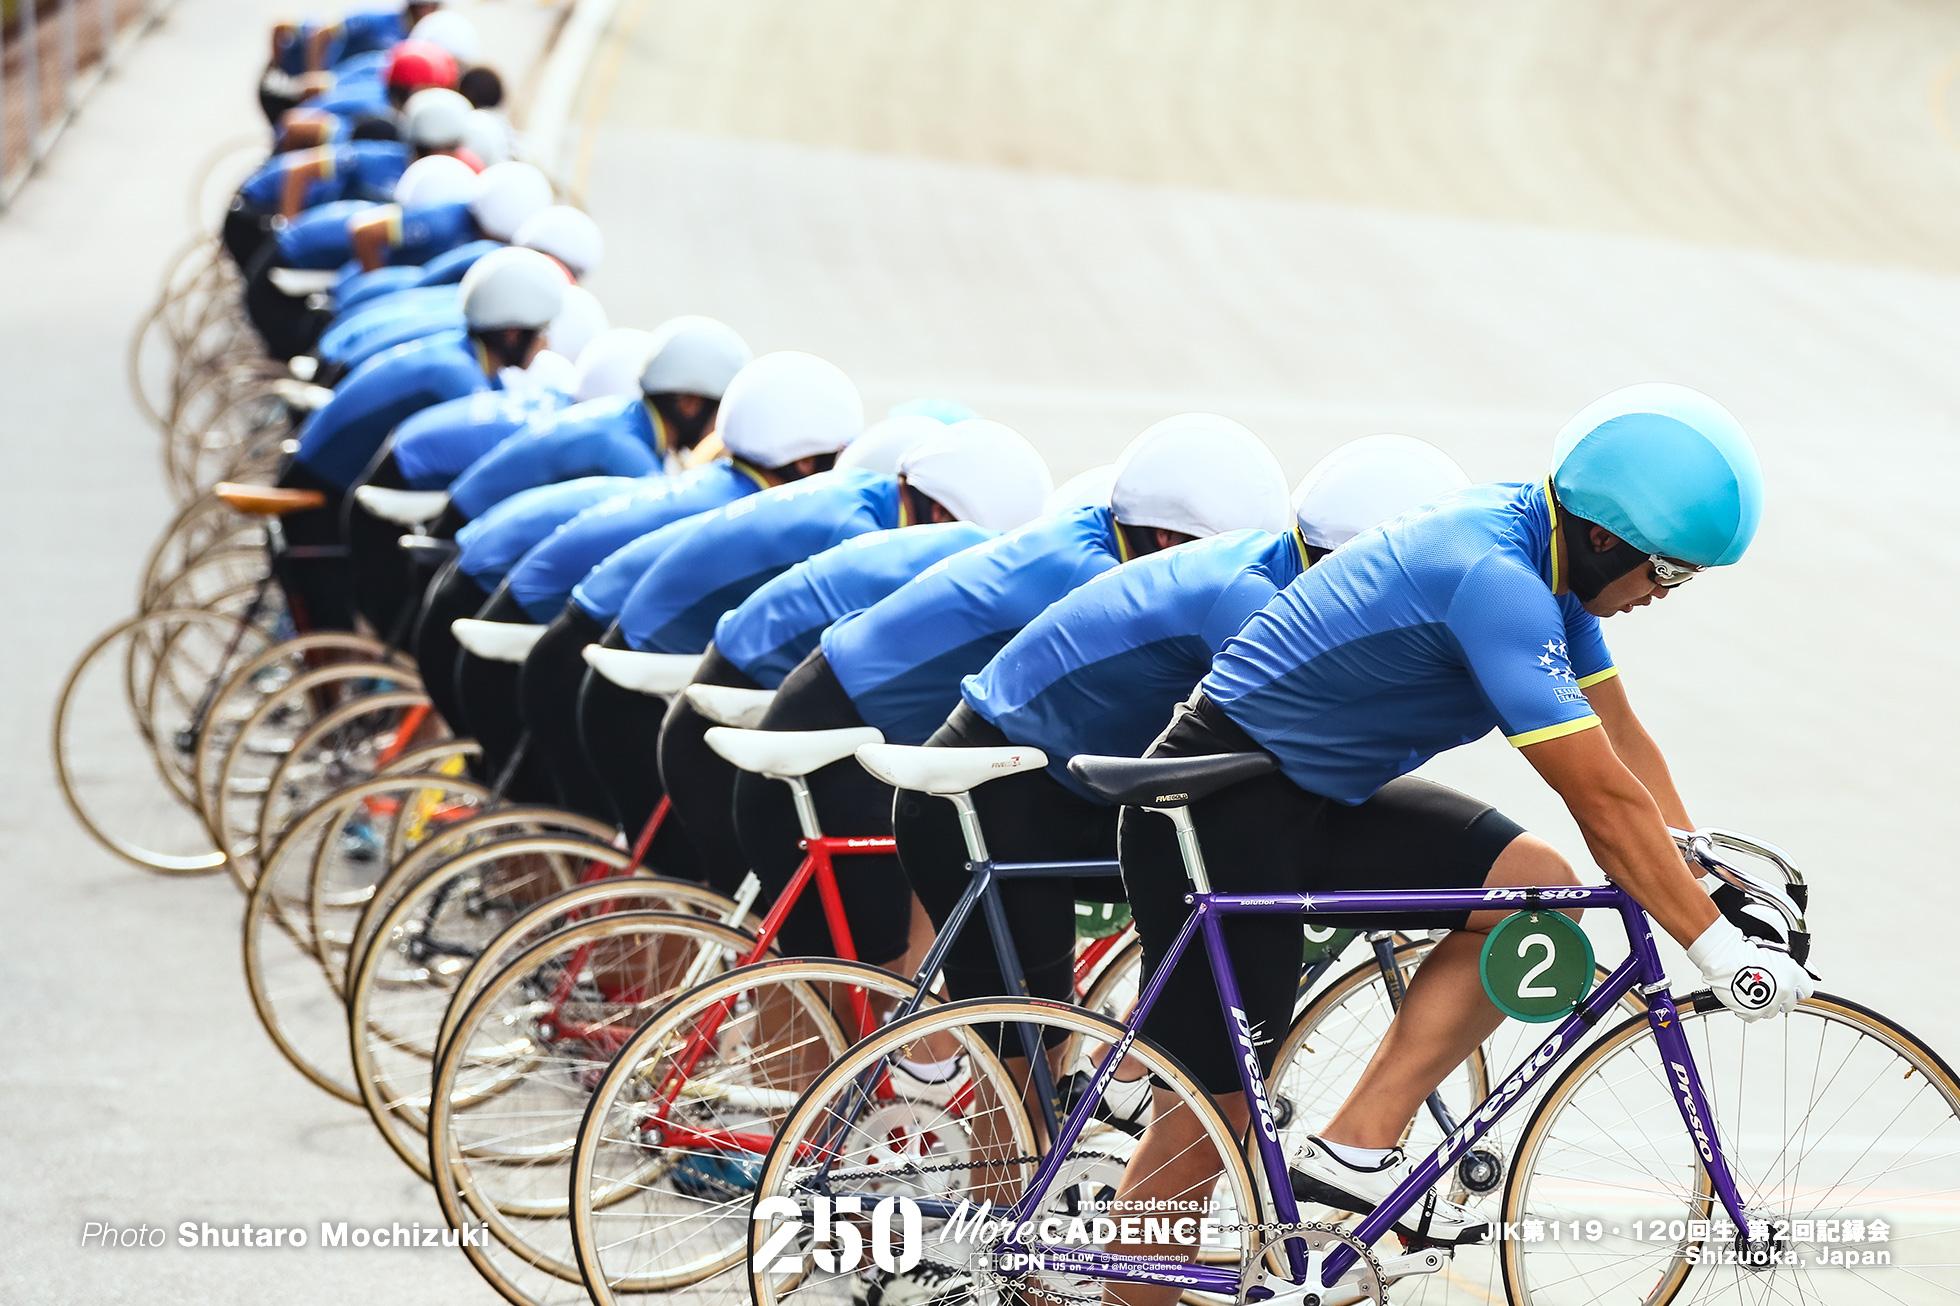 上遠野拓馬 日本競輪選手養成所 JIK 第119・120回生 第2回記録会